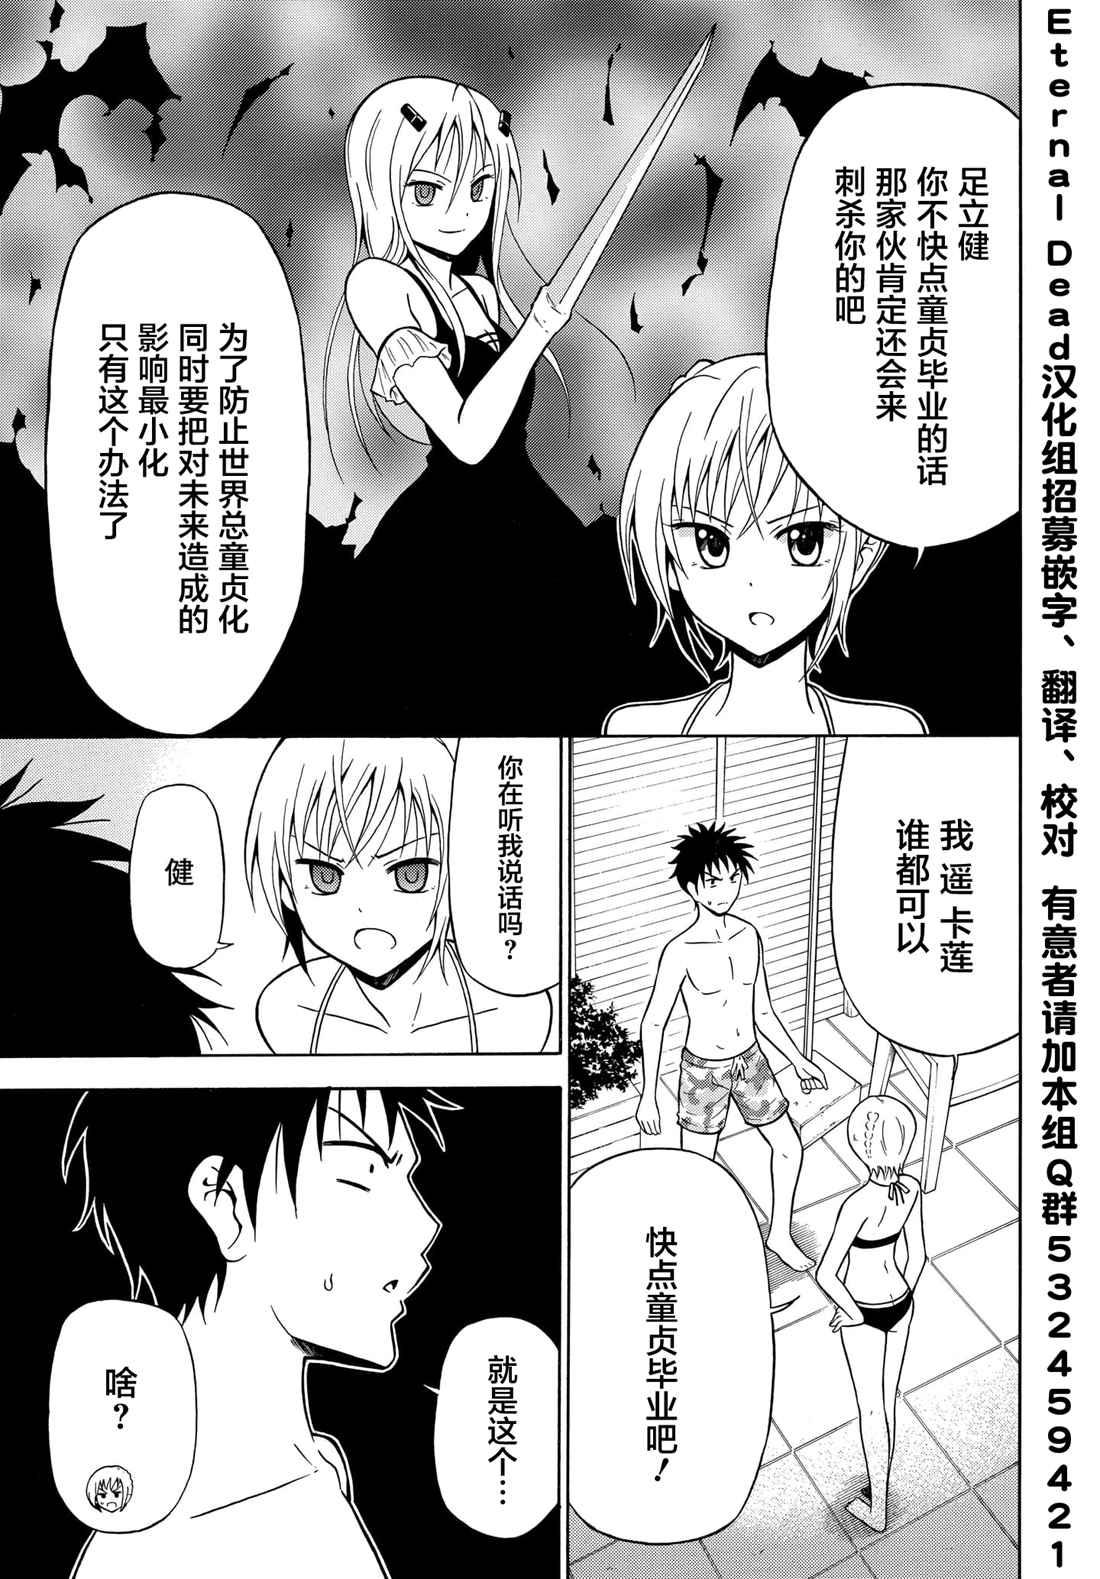 童貞與終結者女友: 08话 - 第3页